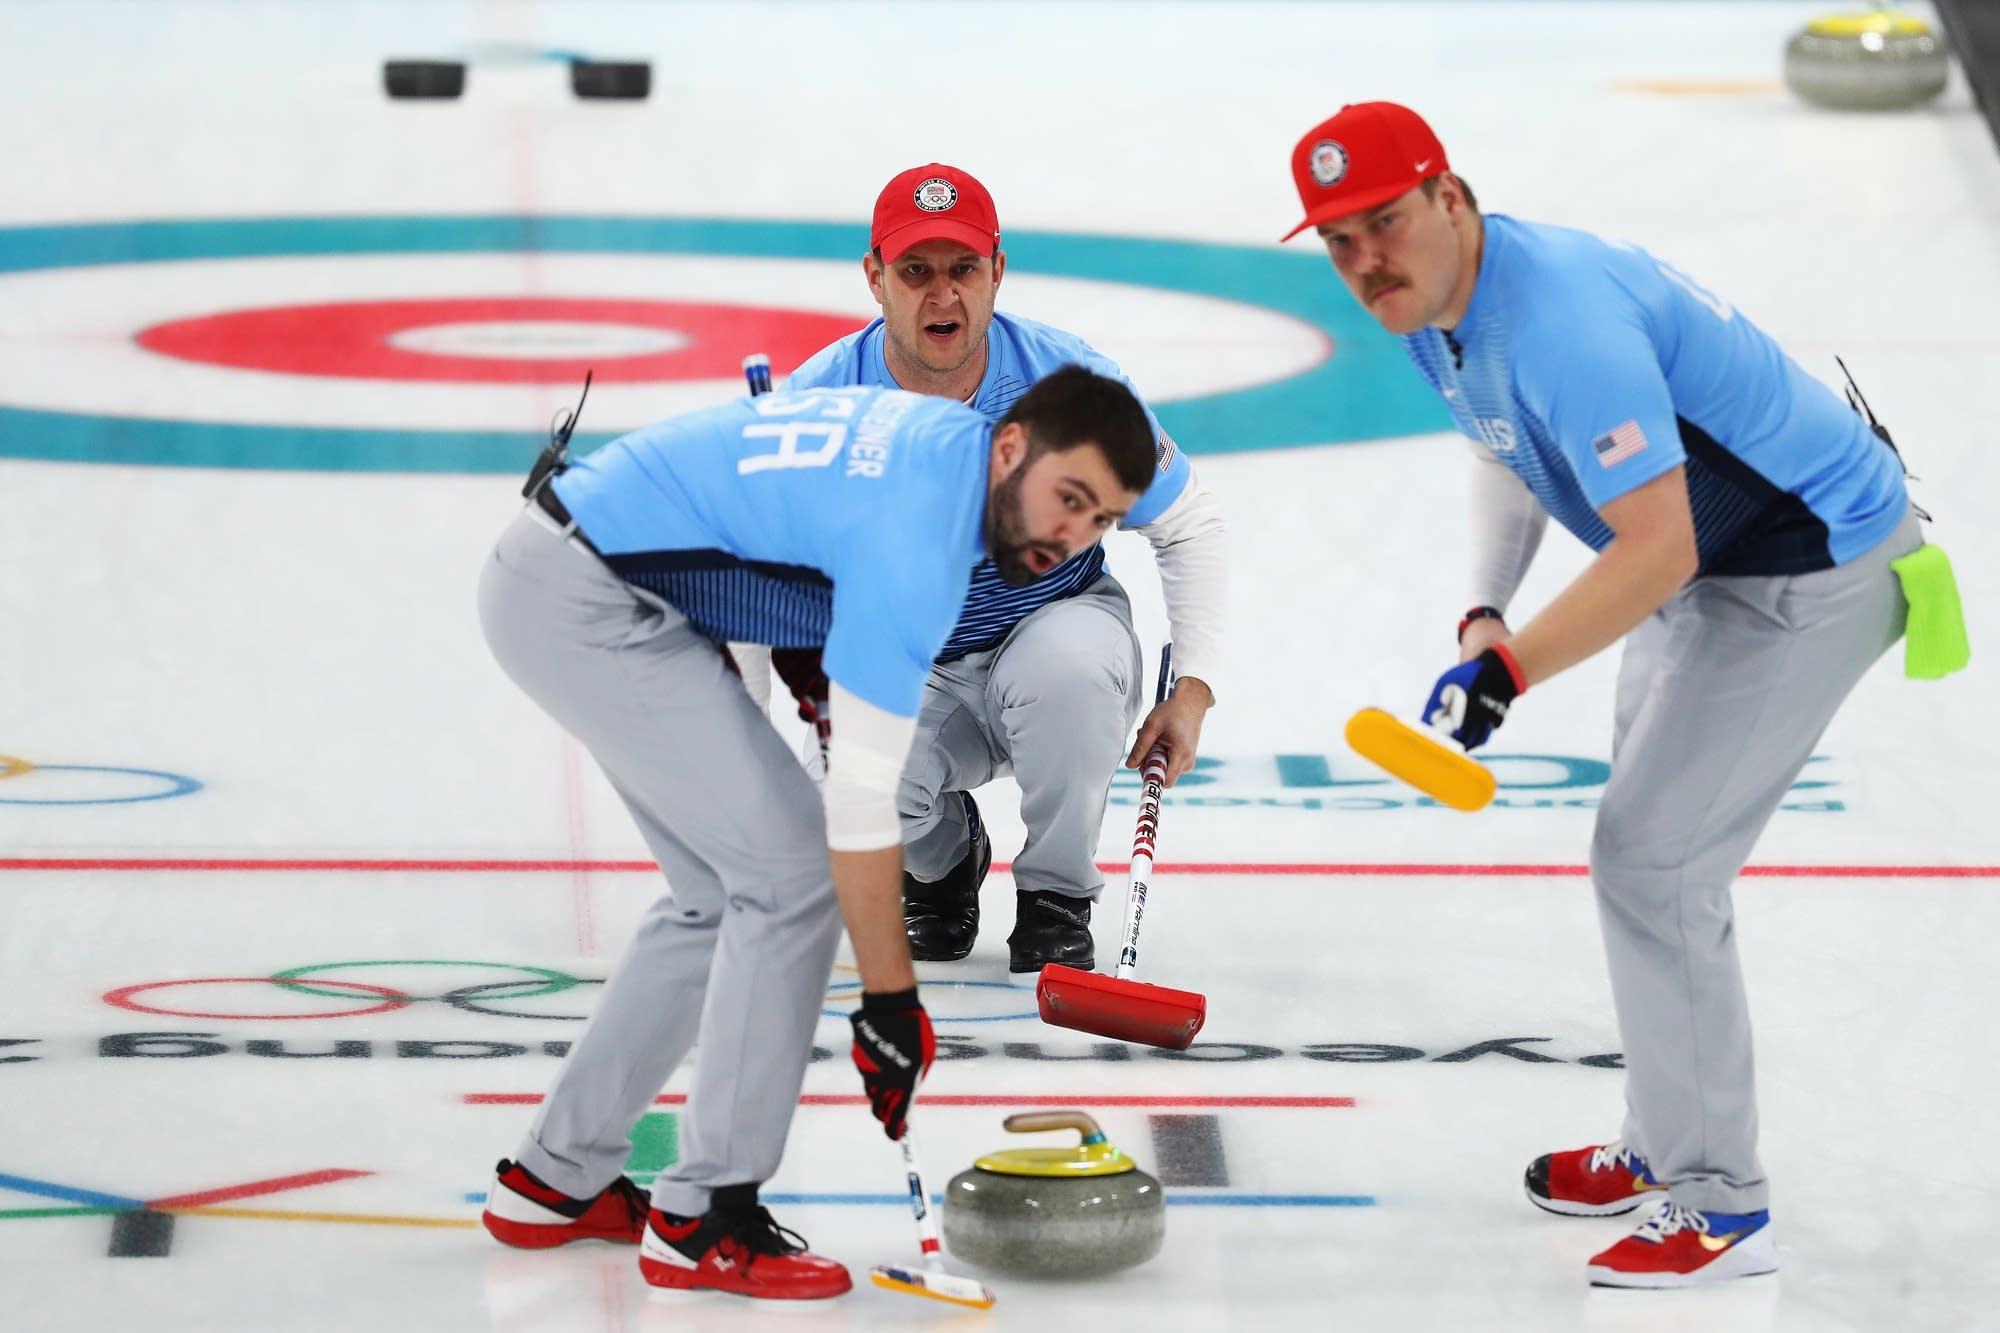 Kết quả hình ảnh cho curling